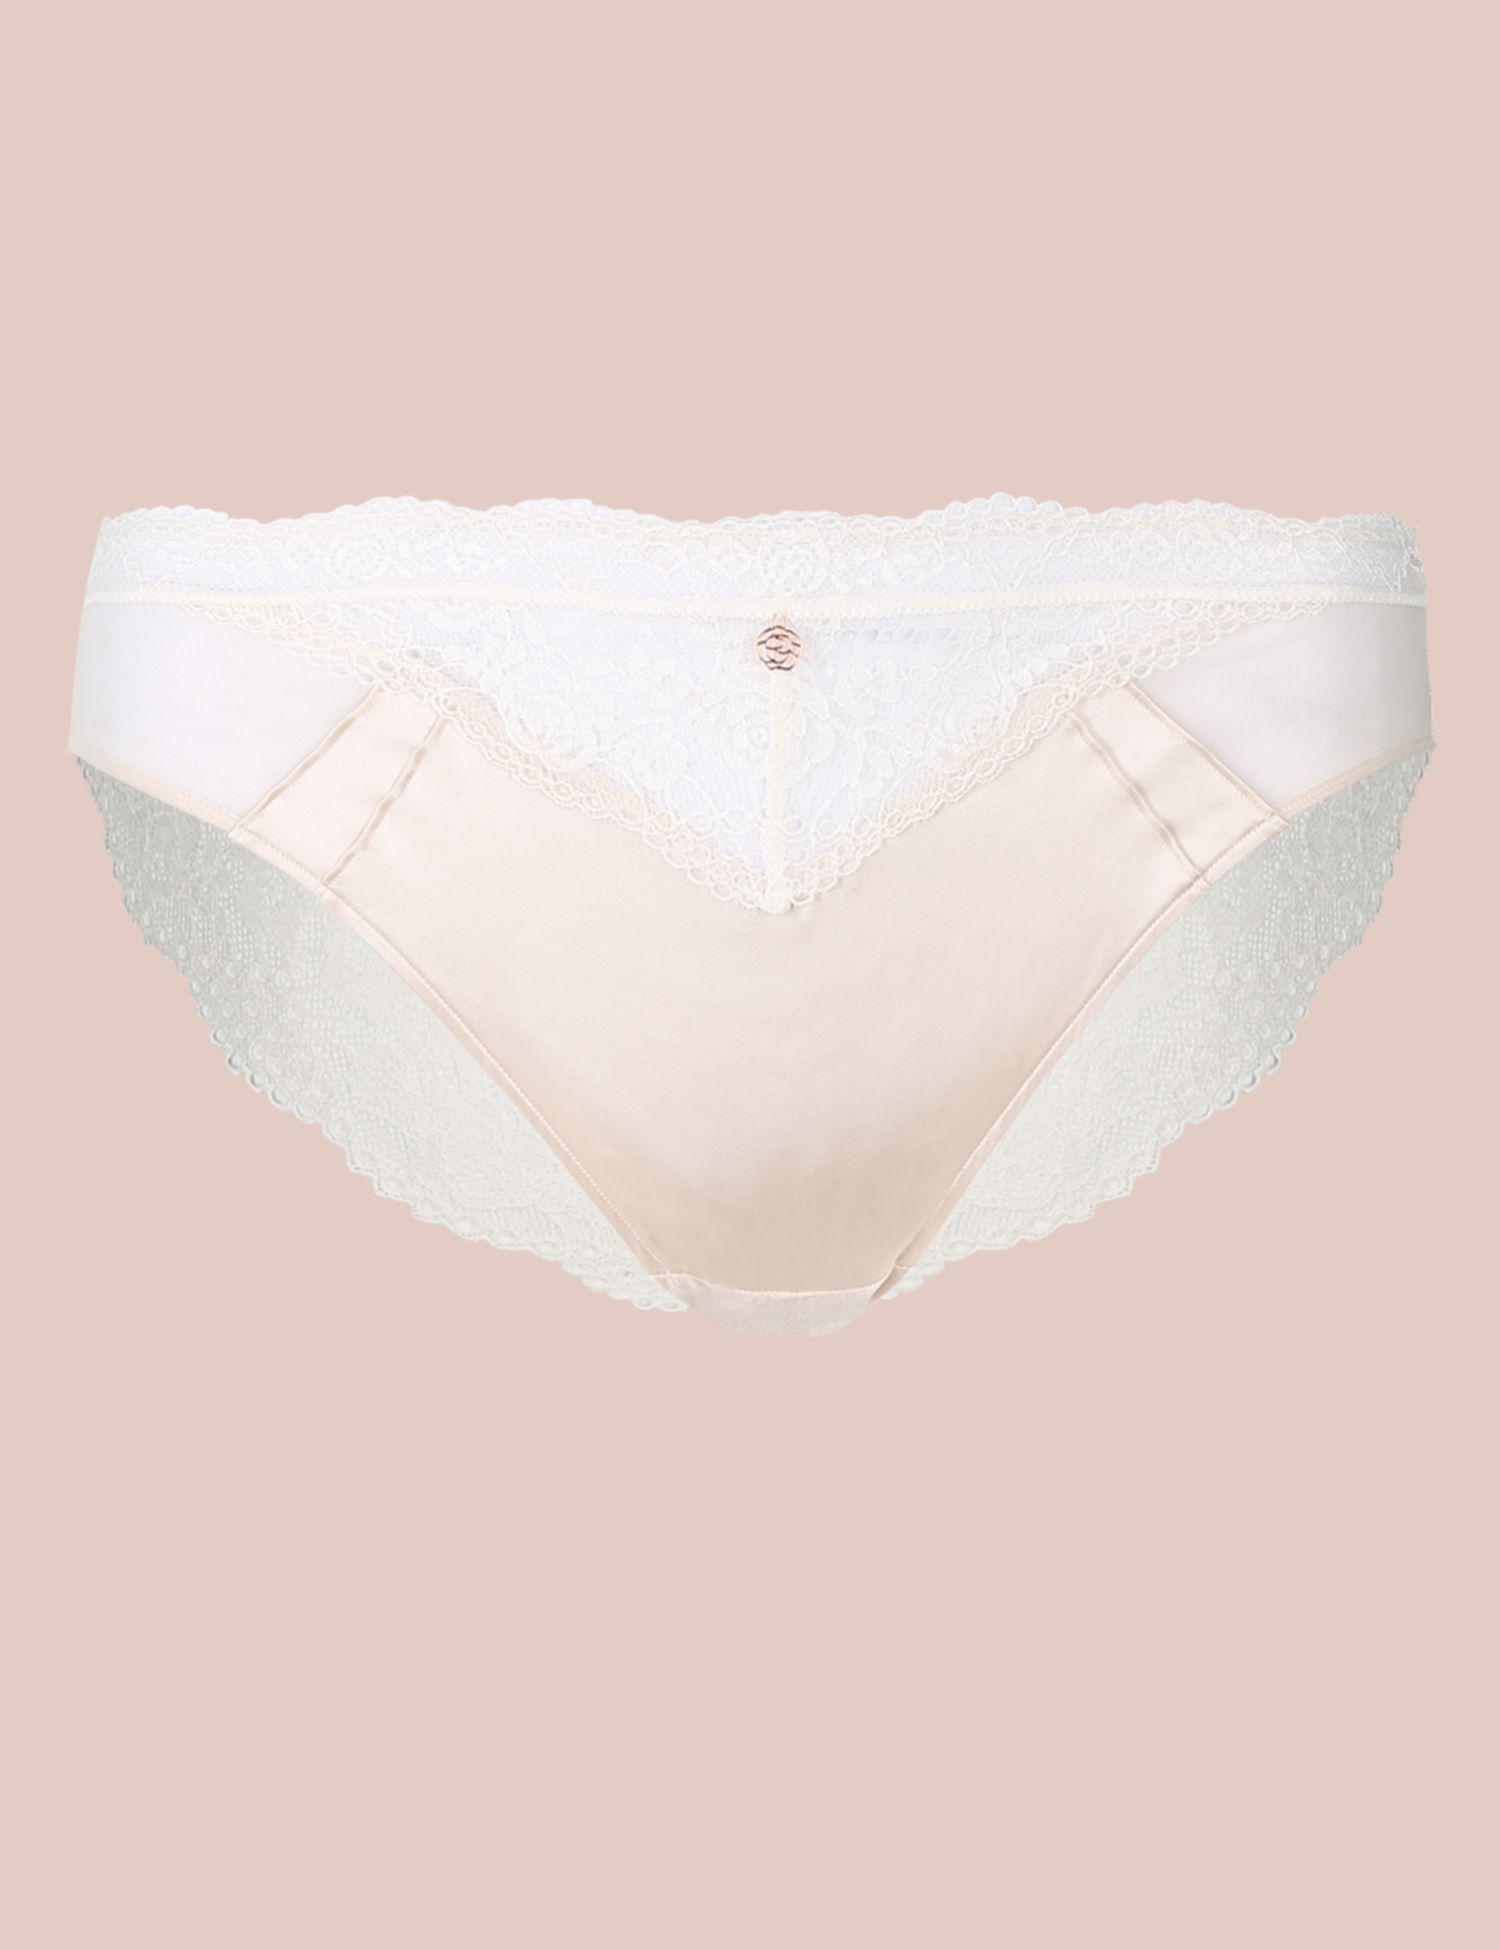 5ecc04f23338 Marks & Spencer. Women's Silk & Lace High Leg Knickers